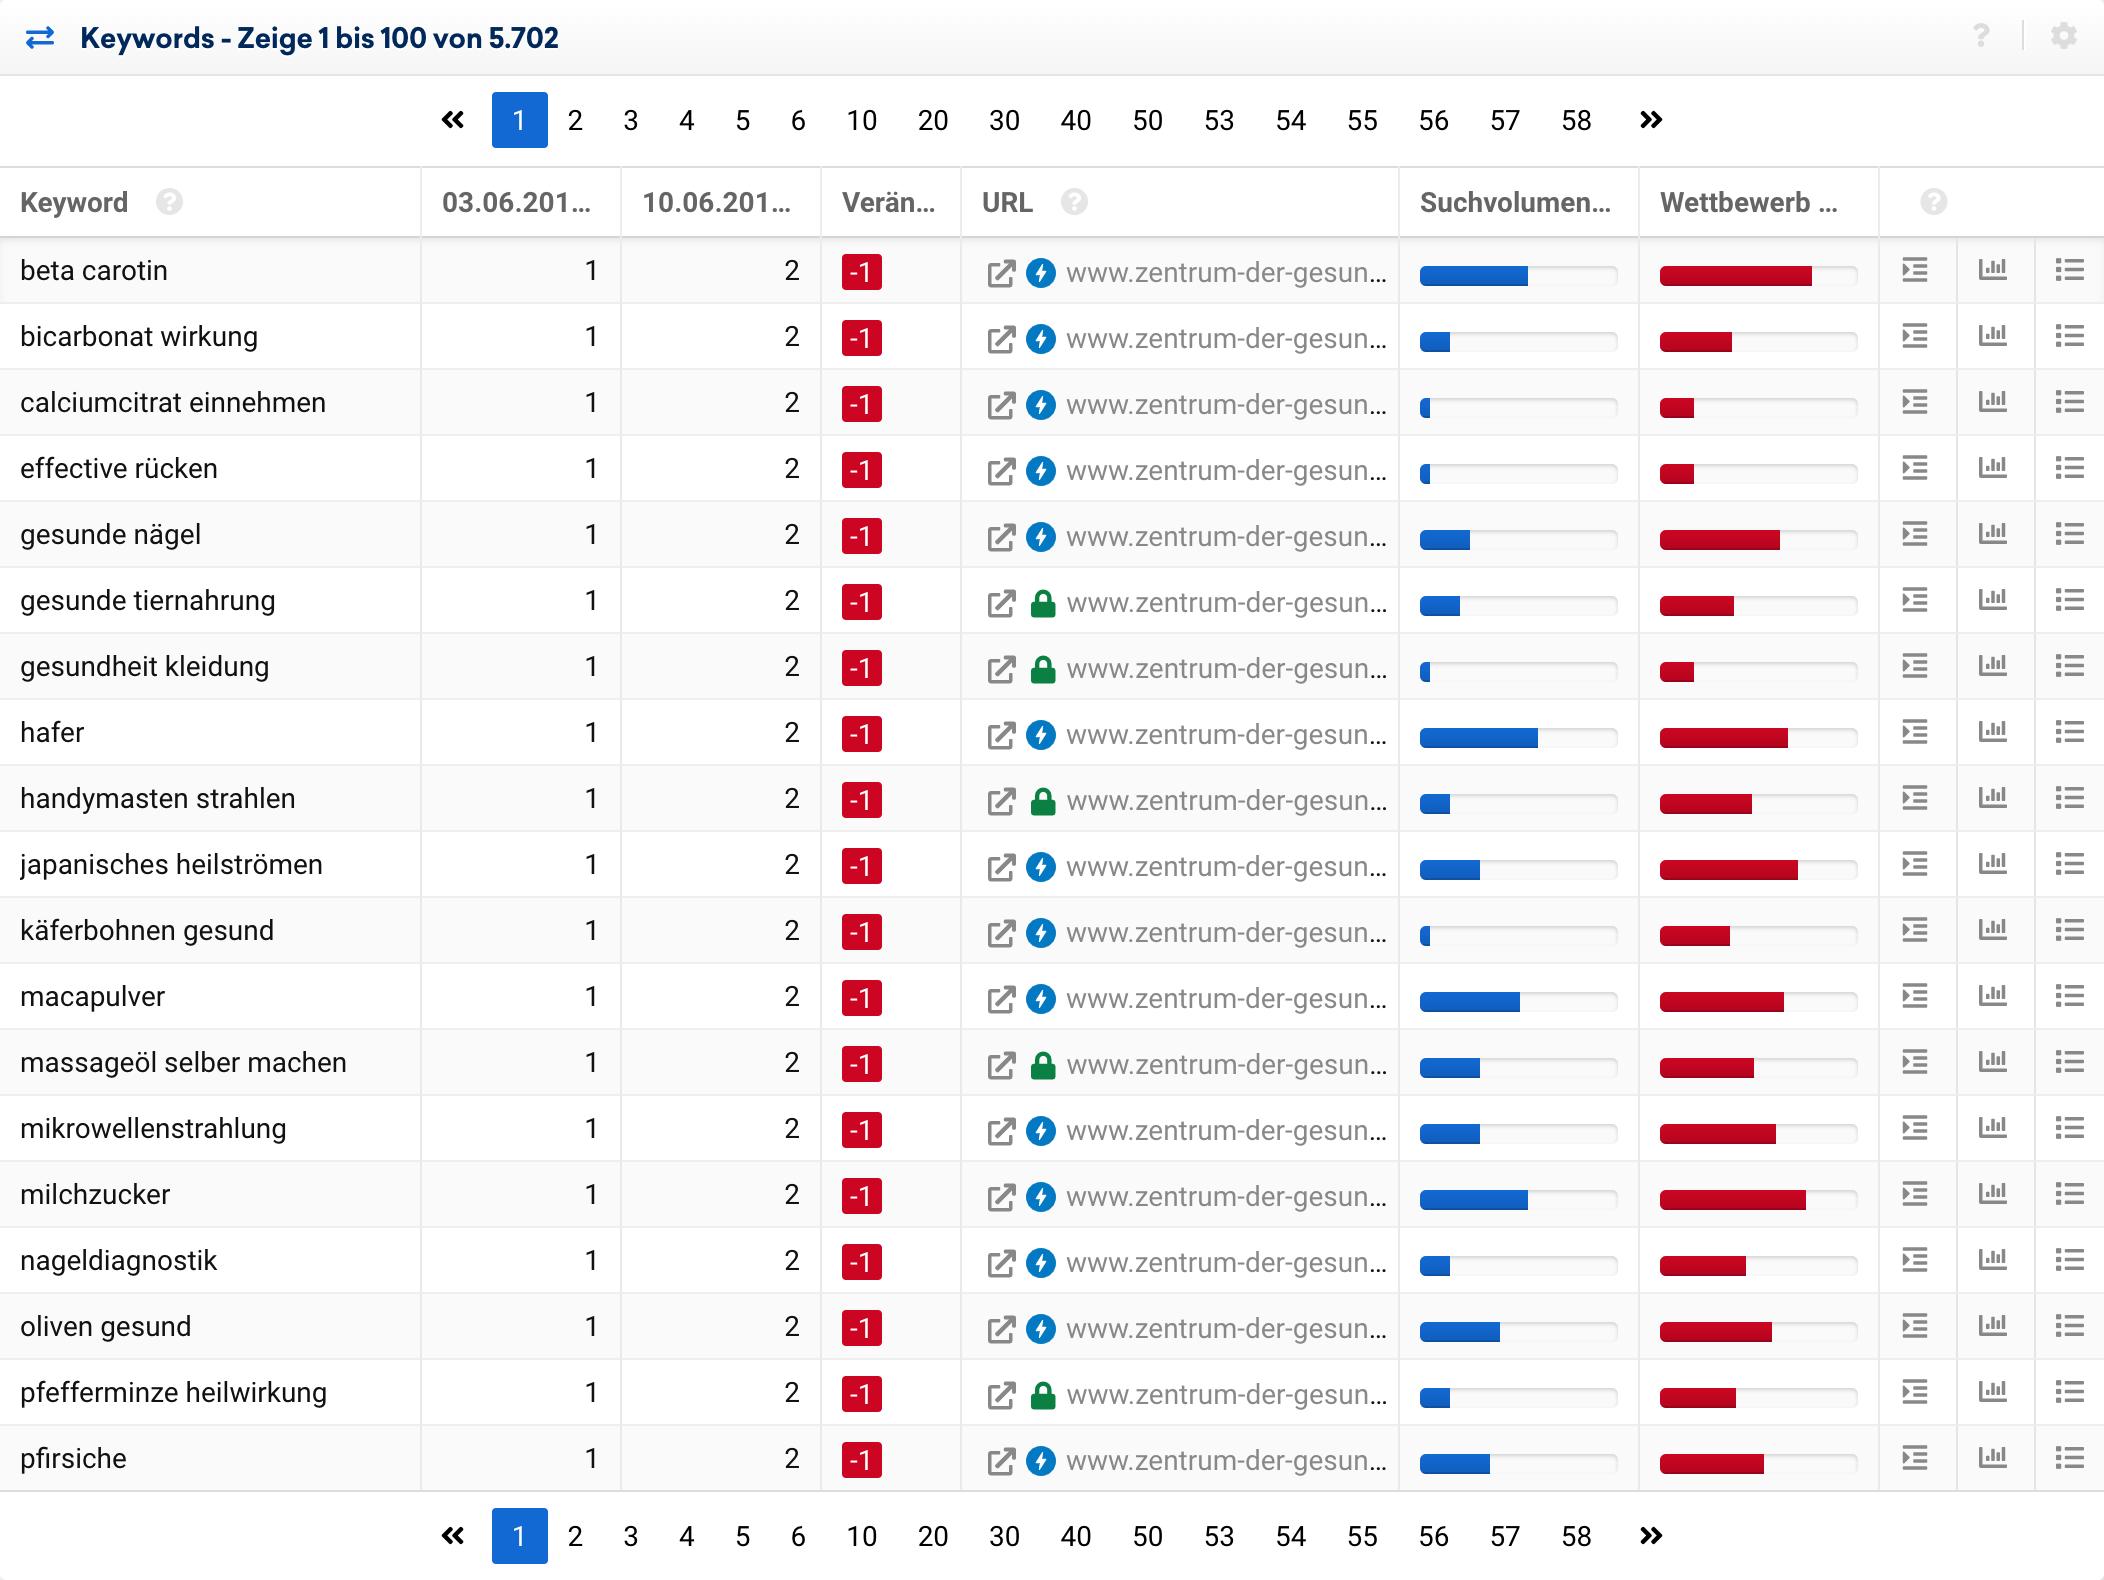 Tabelle mit verlorenen Keywords für die Domain zentrum-der-gesundheit.de zwischen dem 03.06.2019 und dem 10.06.2019. Viele Keywords auf der ersten Ergebnisseite werden nicht mehr in den Top-100 gefunden.